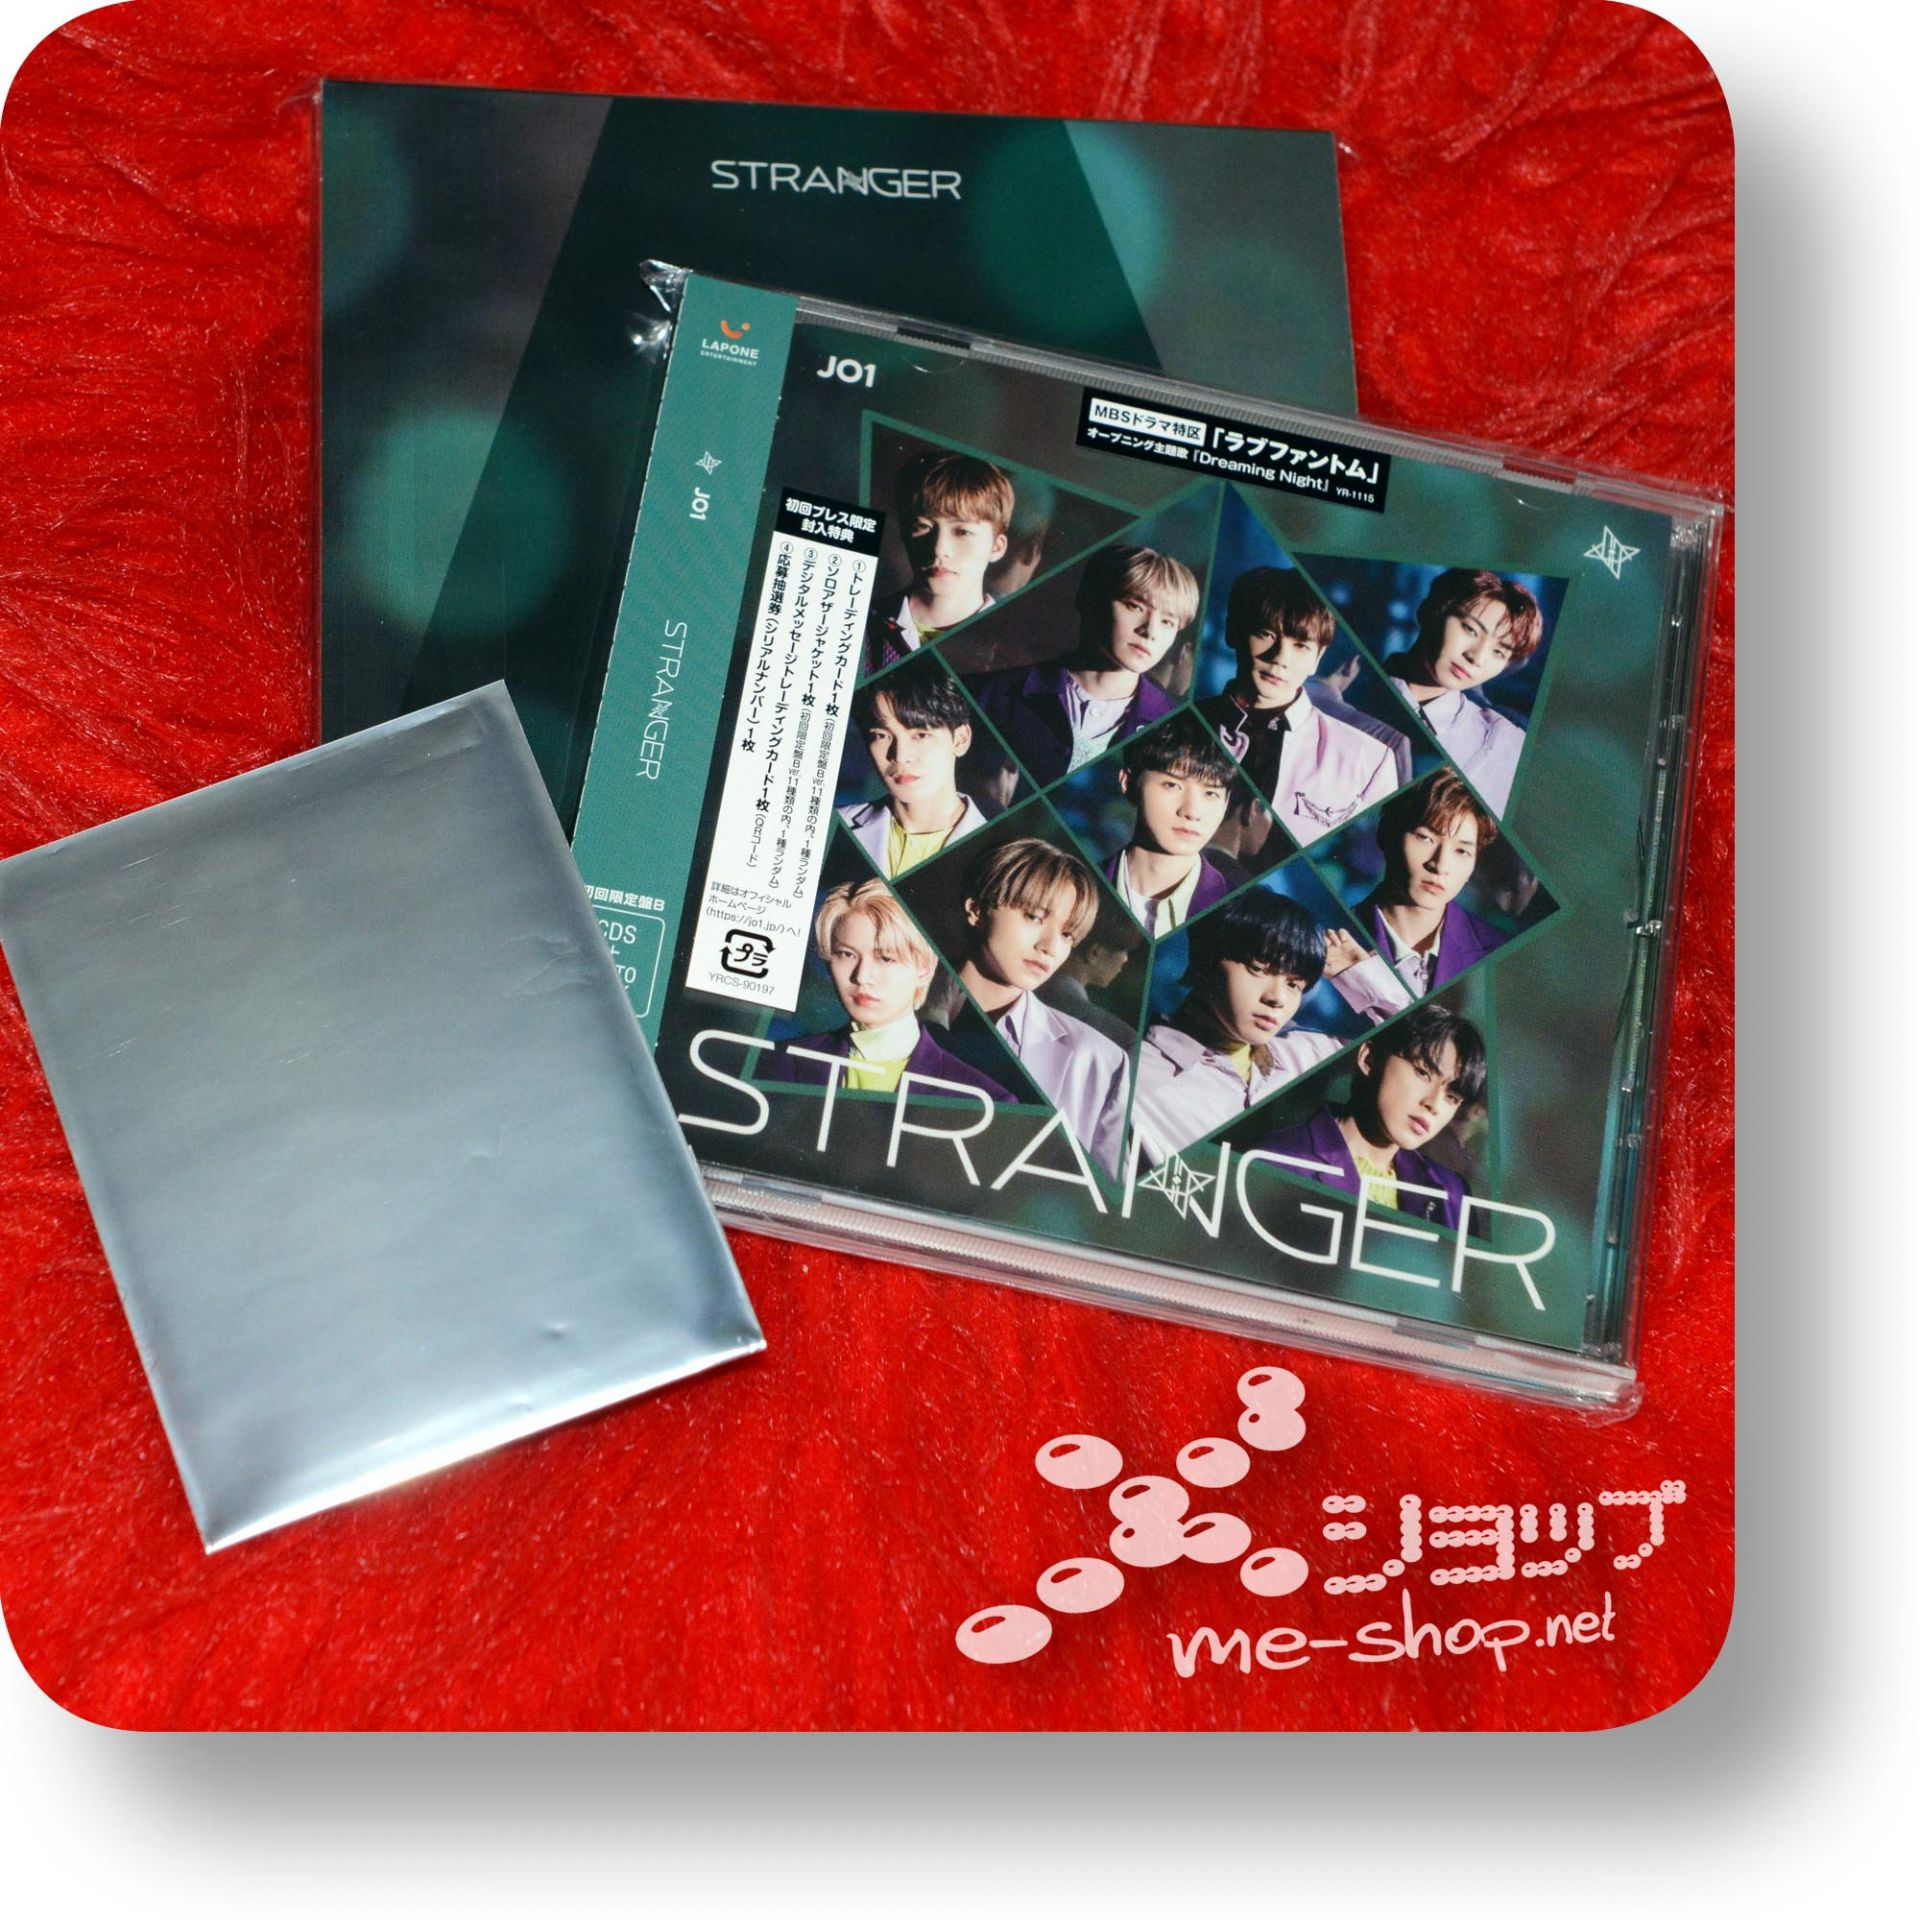 jo1 stranger cd+photobook+bonus